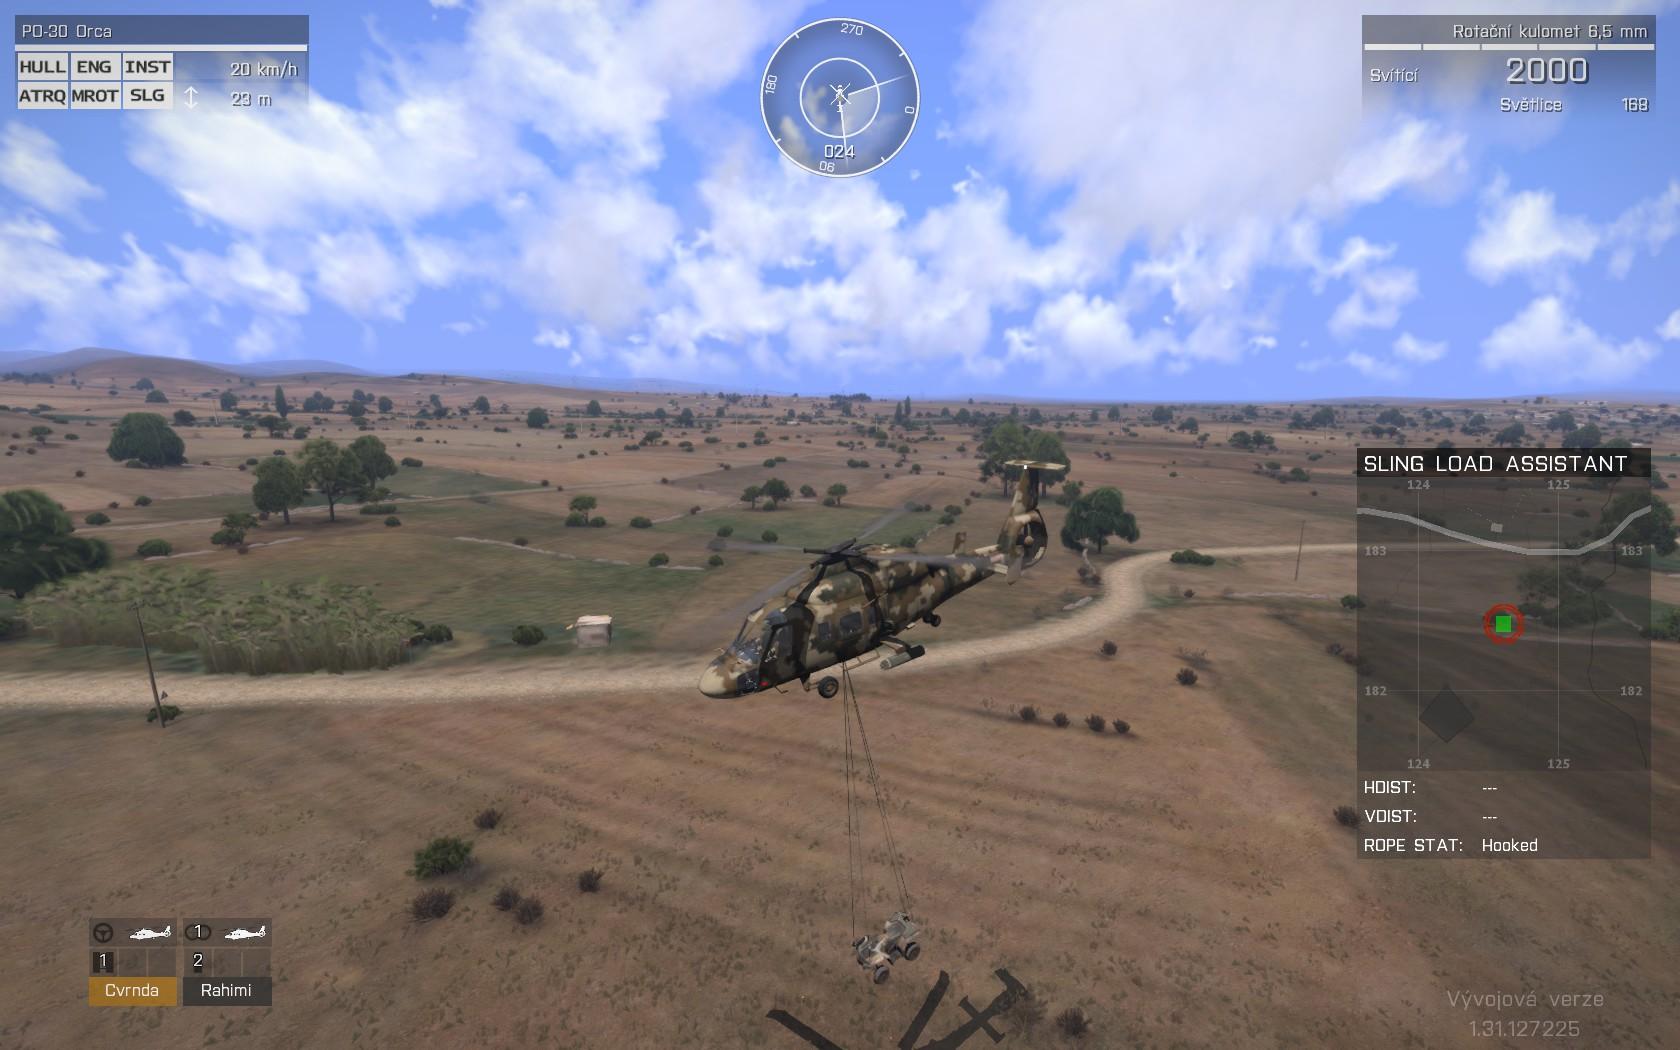 Dojmy z hraní Arma 3: Helicopters a návštěvy Bohemia Interactive 100792